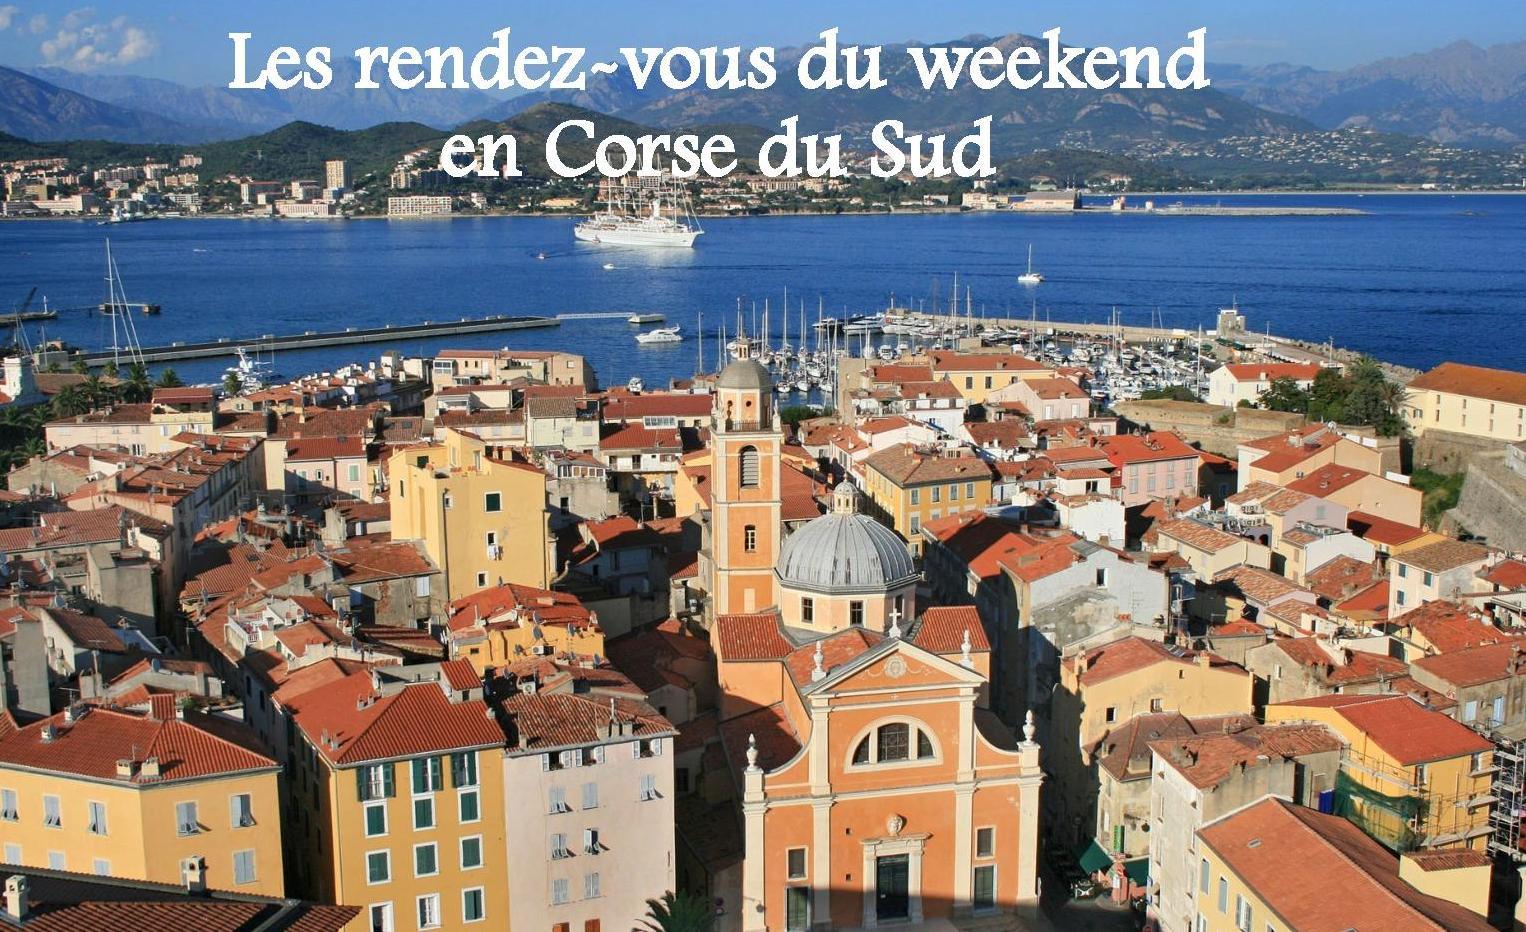 Les rendez-vous du week-end en Corse du Sud : Nos idées de sorties